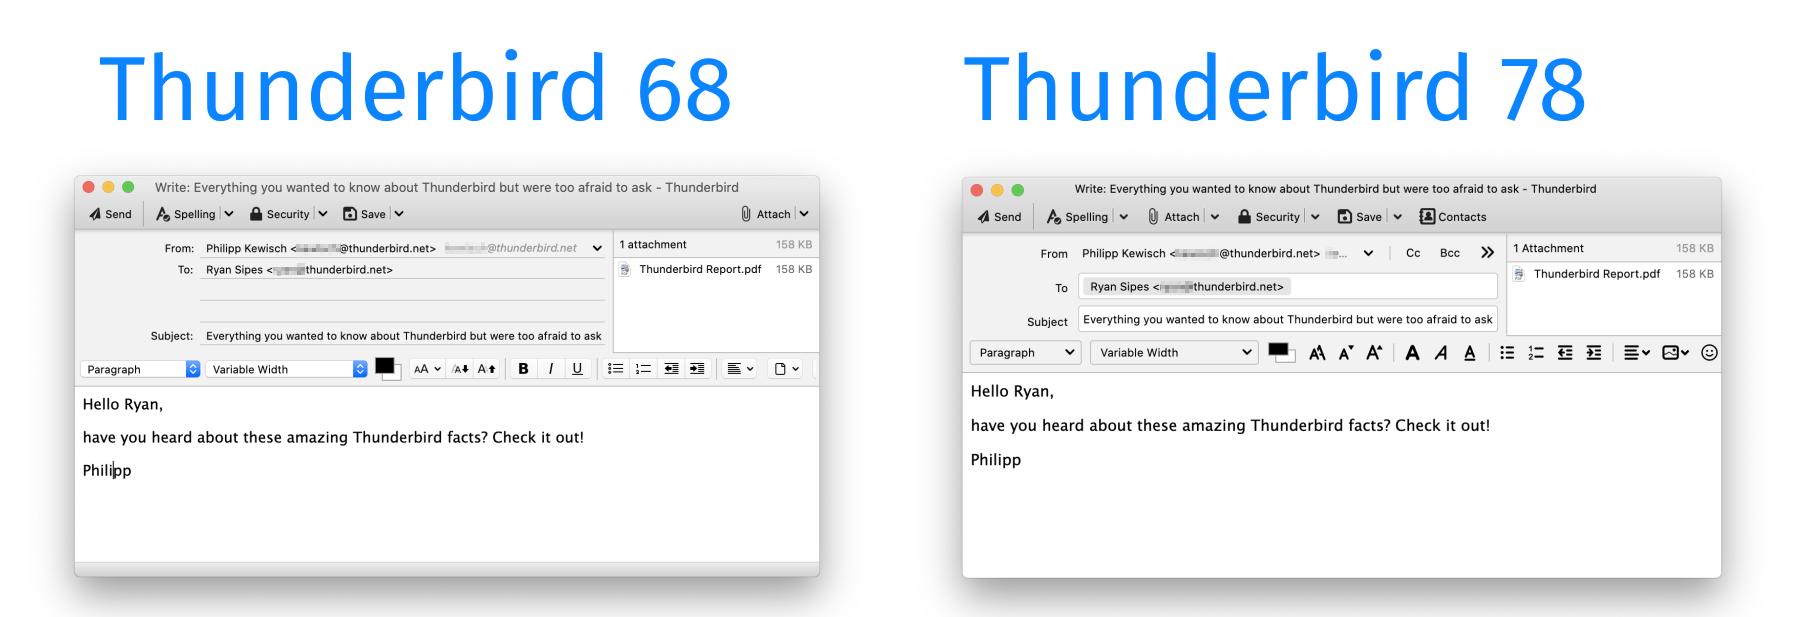 Comparaison de la fenêtre de rédaction entre la version 68 et la 78